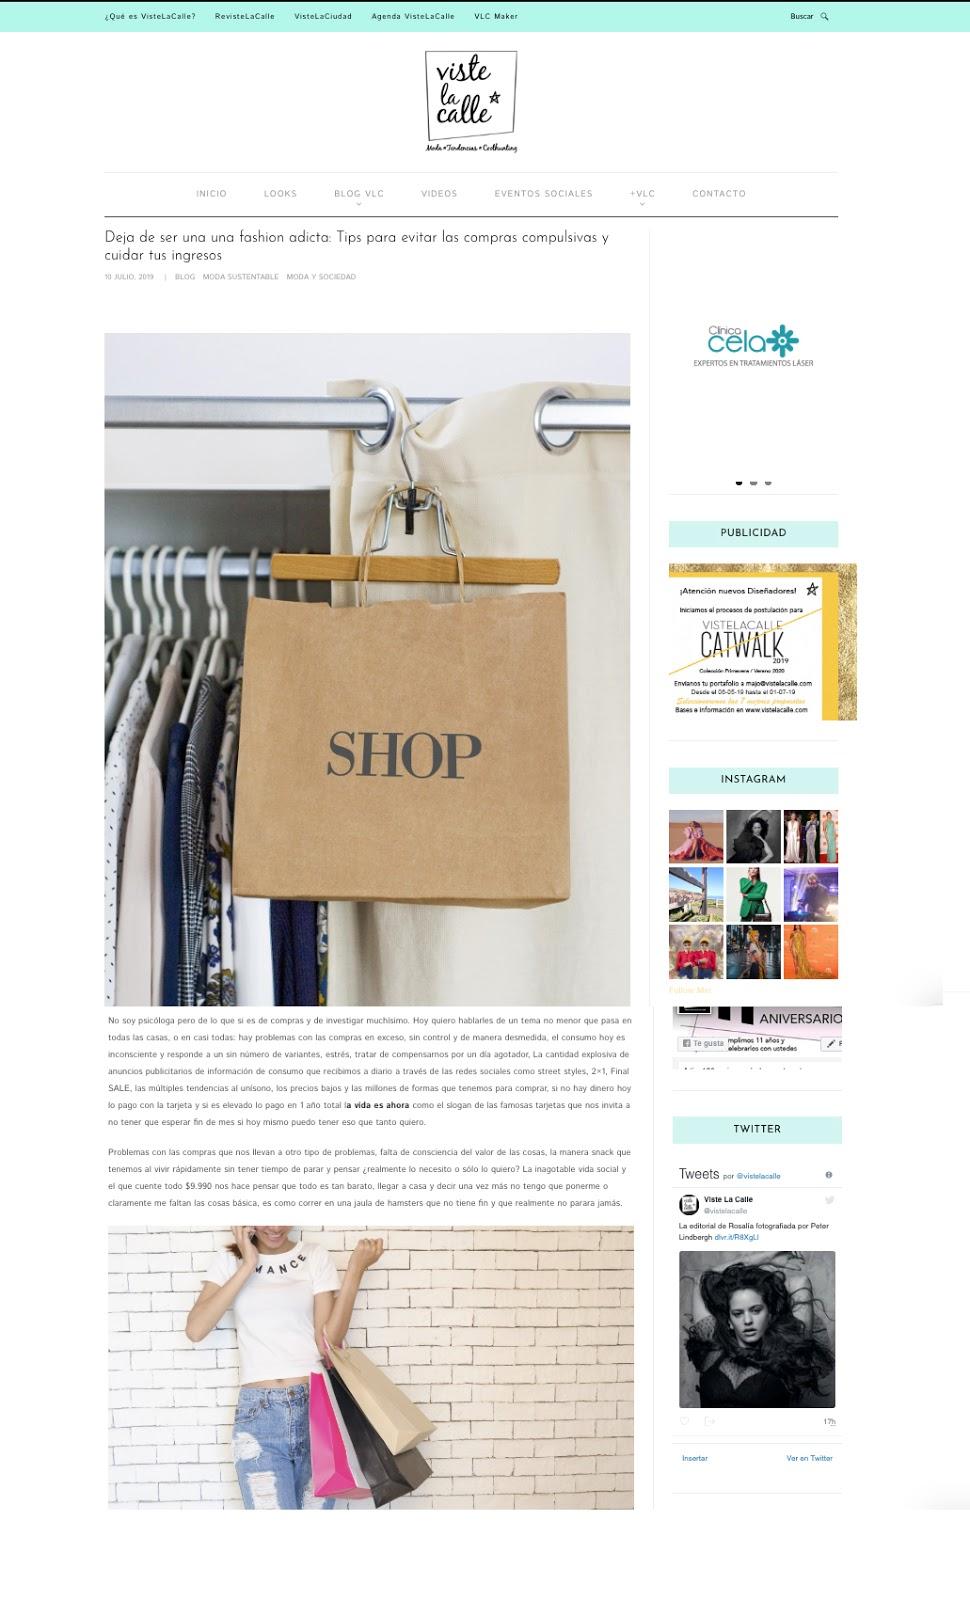 columnista de moda en chile - pamela victoria - consumo en chile de ropa - cuanta ropa consumimos los chilenos - experta en moda